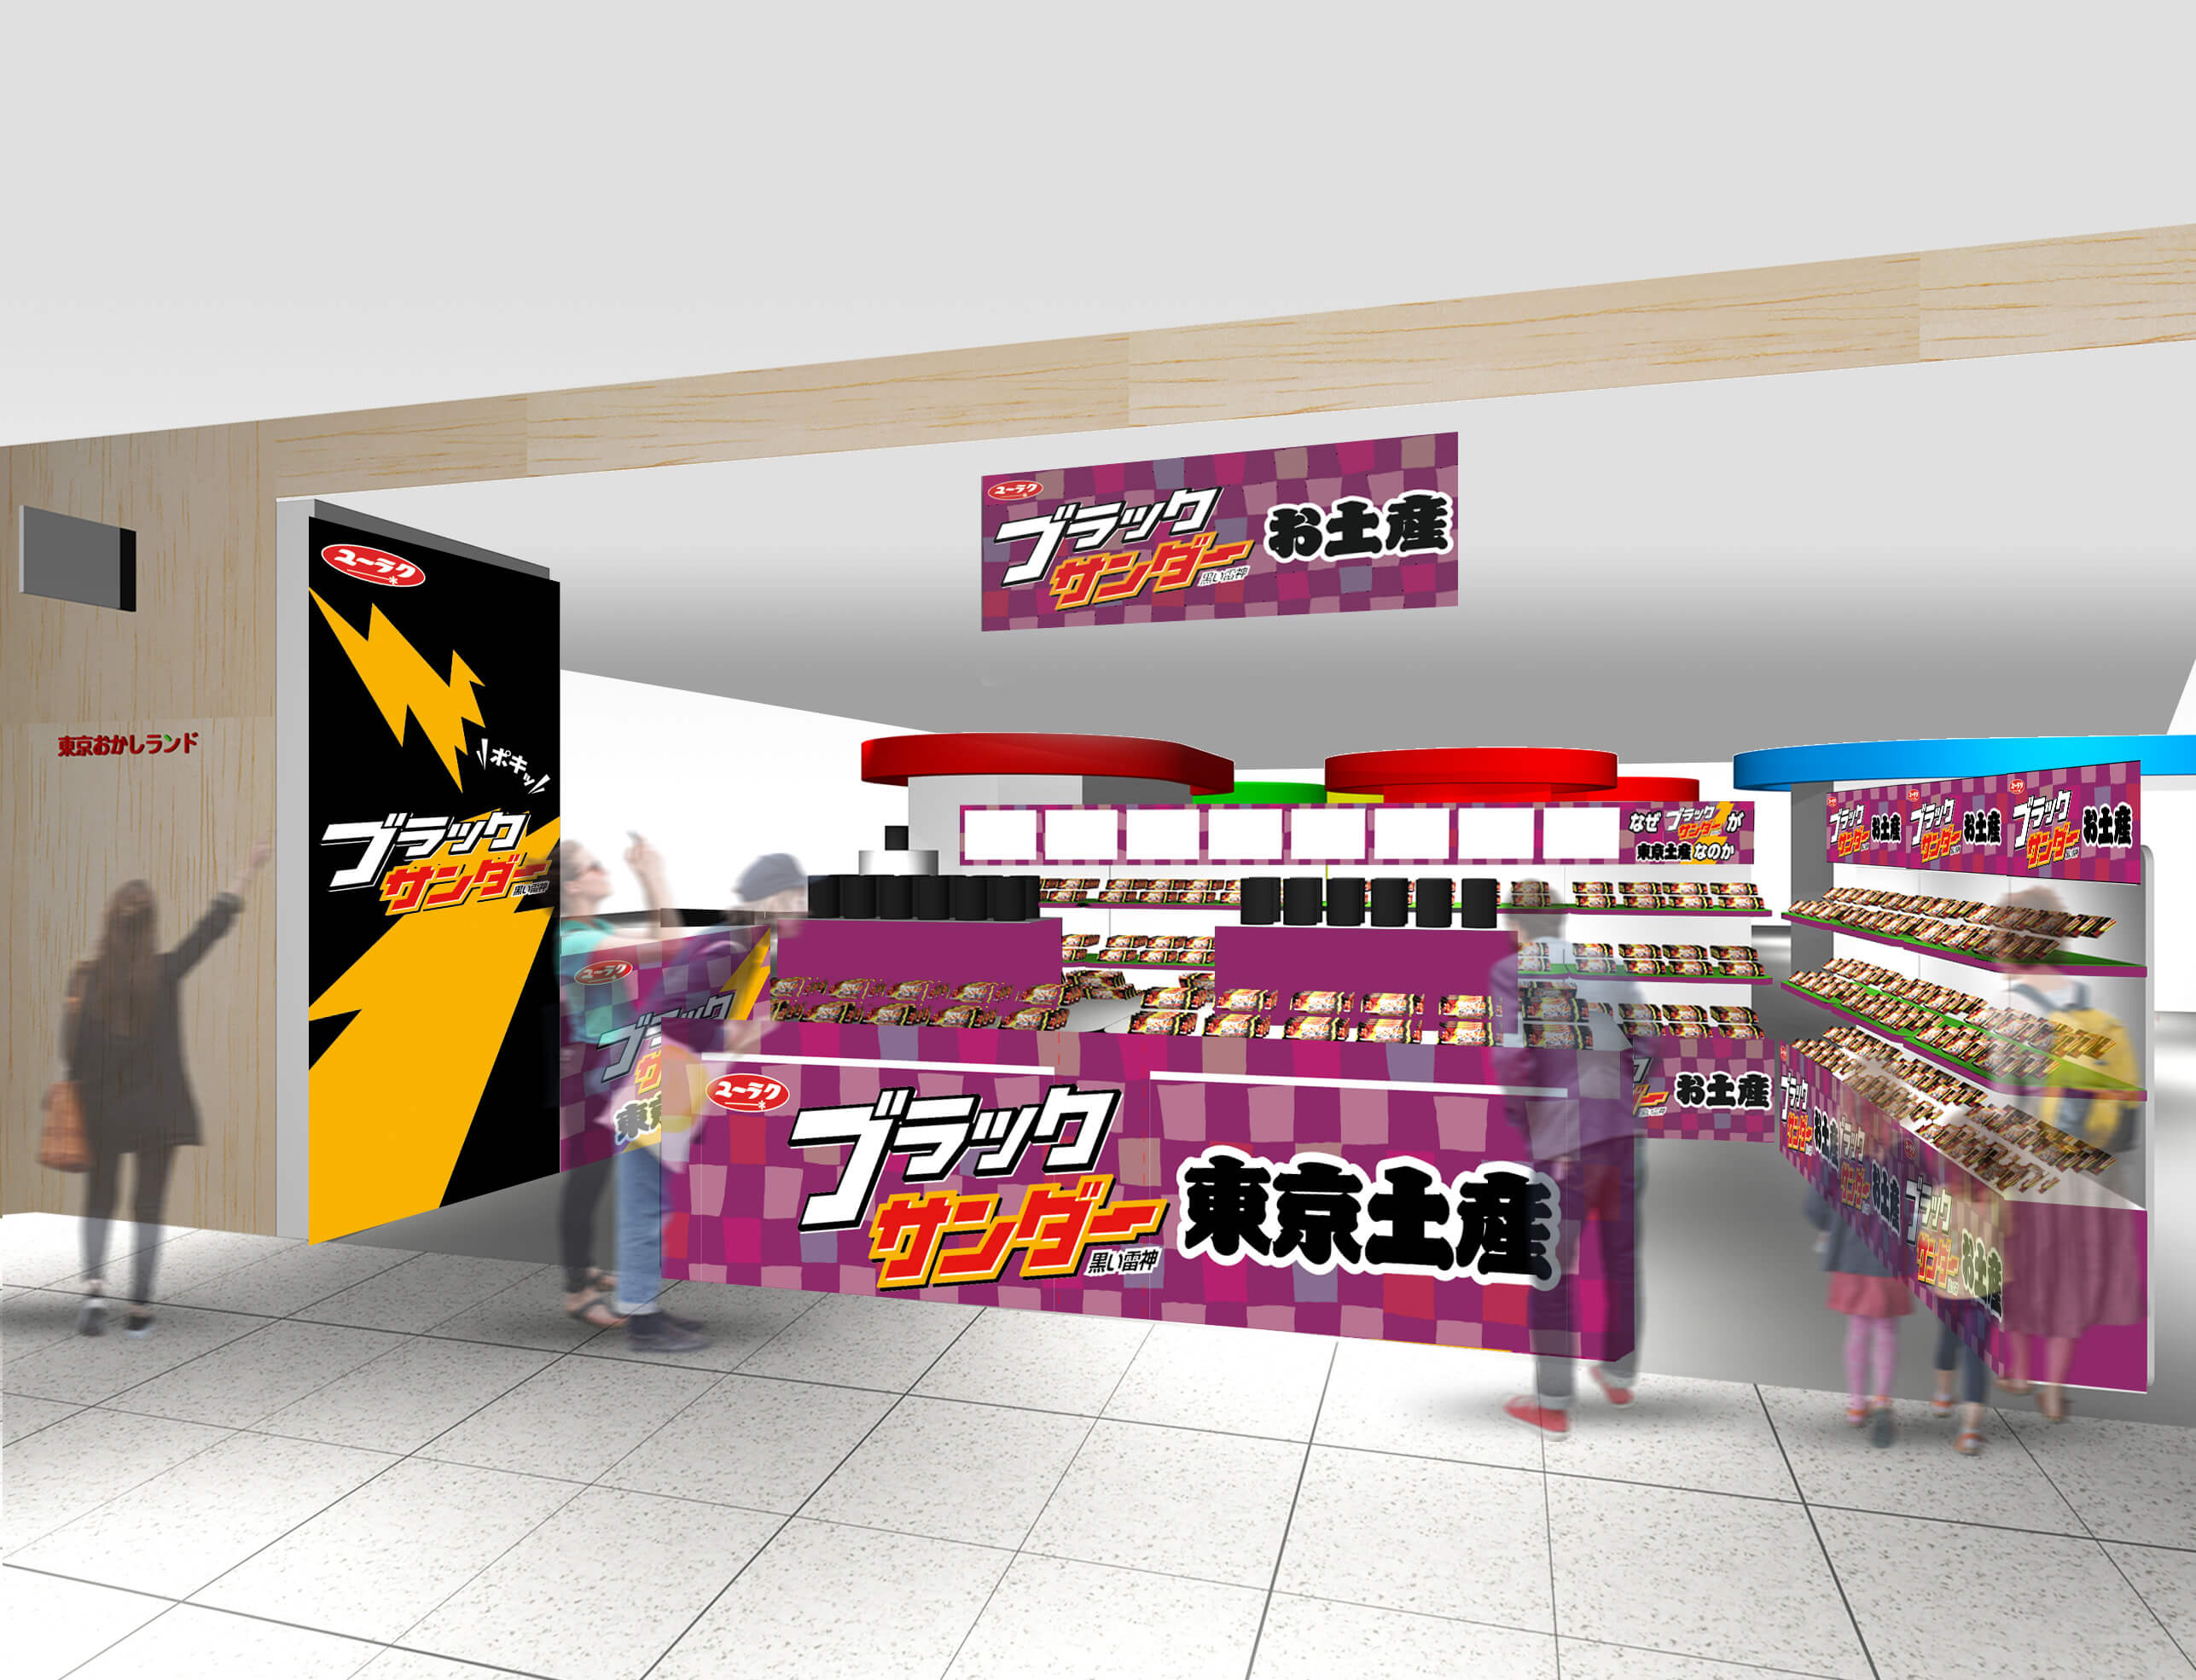 雷神巧克力歷史上首次的土產專賣店於東京車站期間限定開幕 在東京駅、甜點、